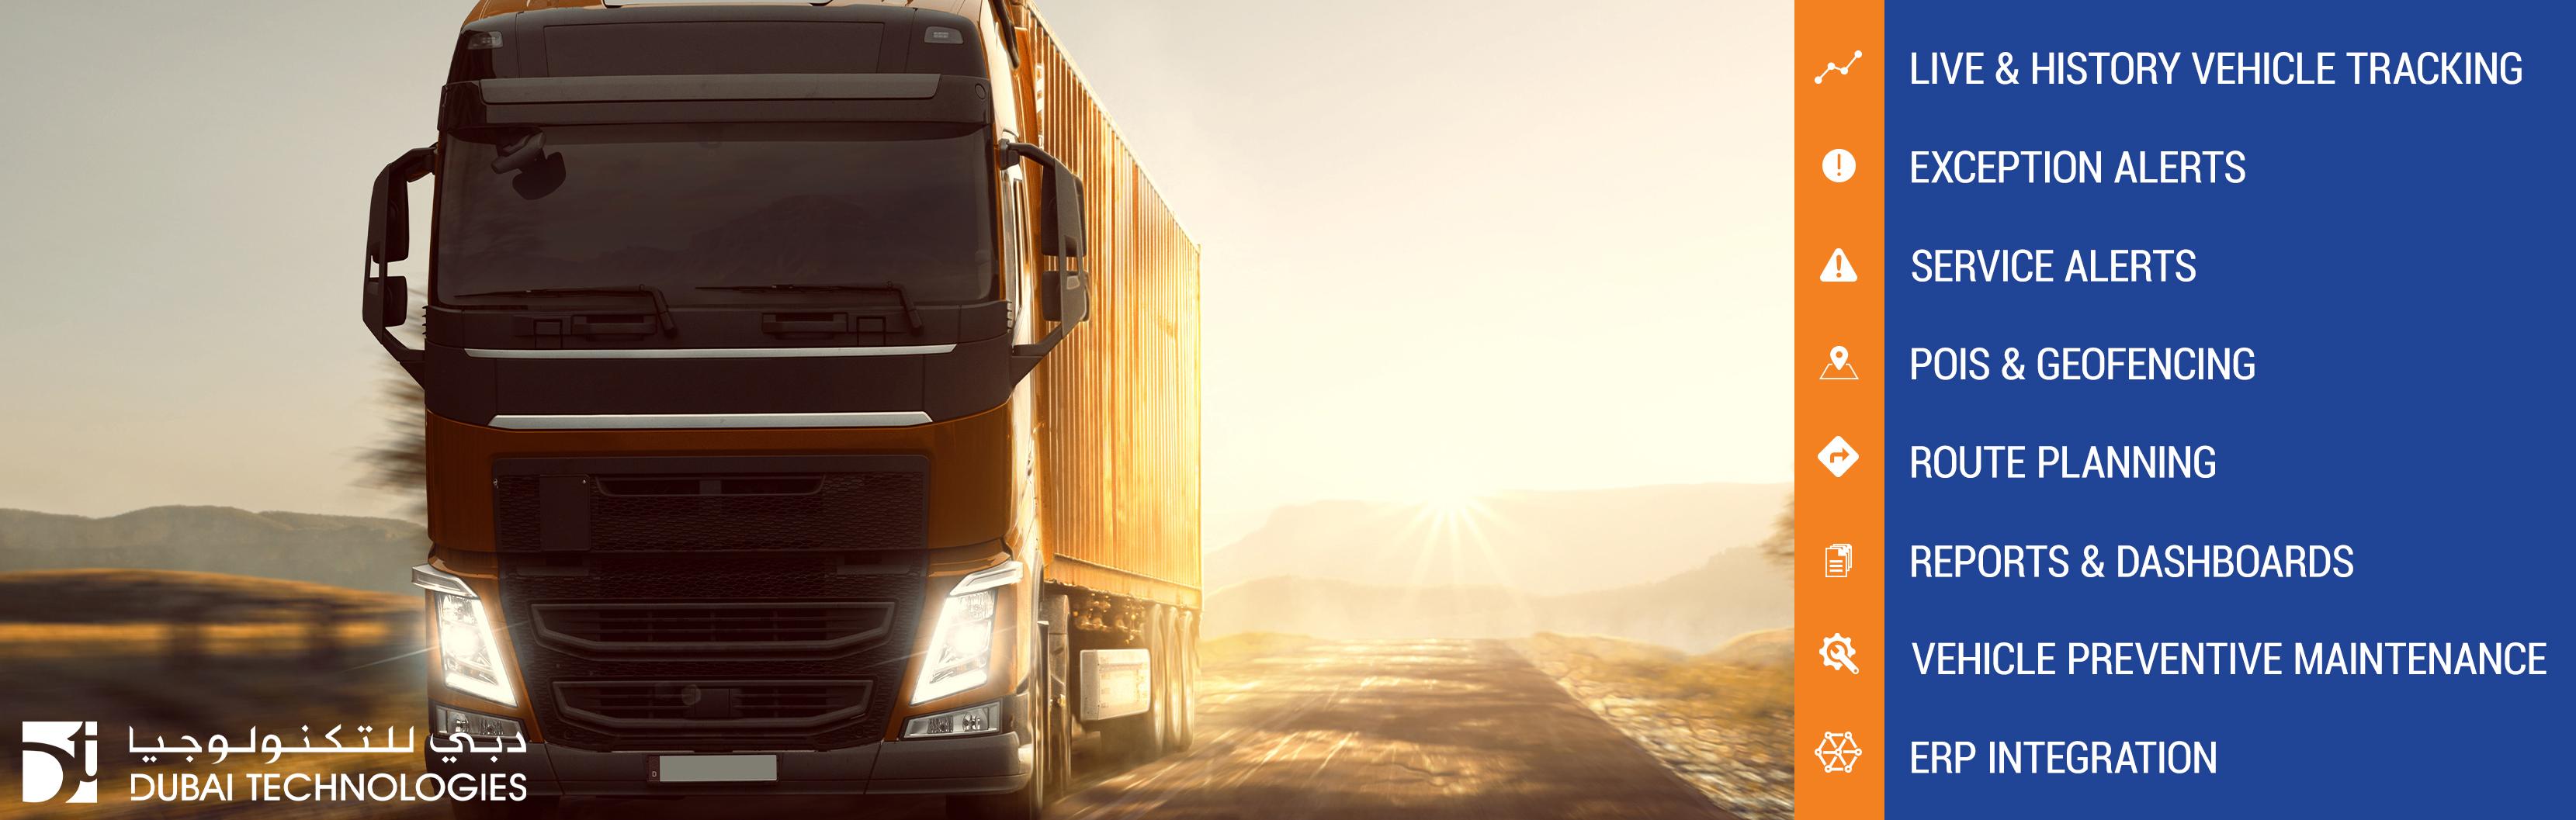 Intelligent Fleet Management - Dubai Technologies